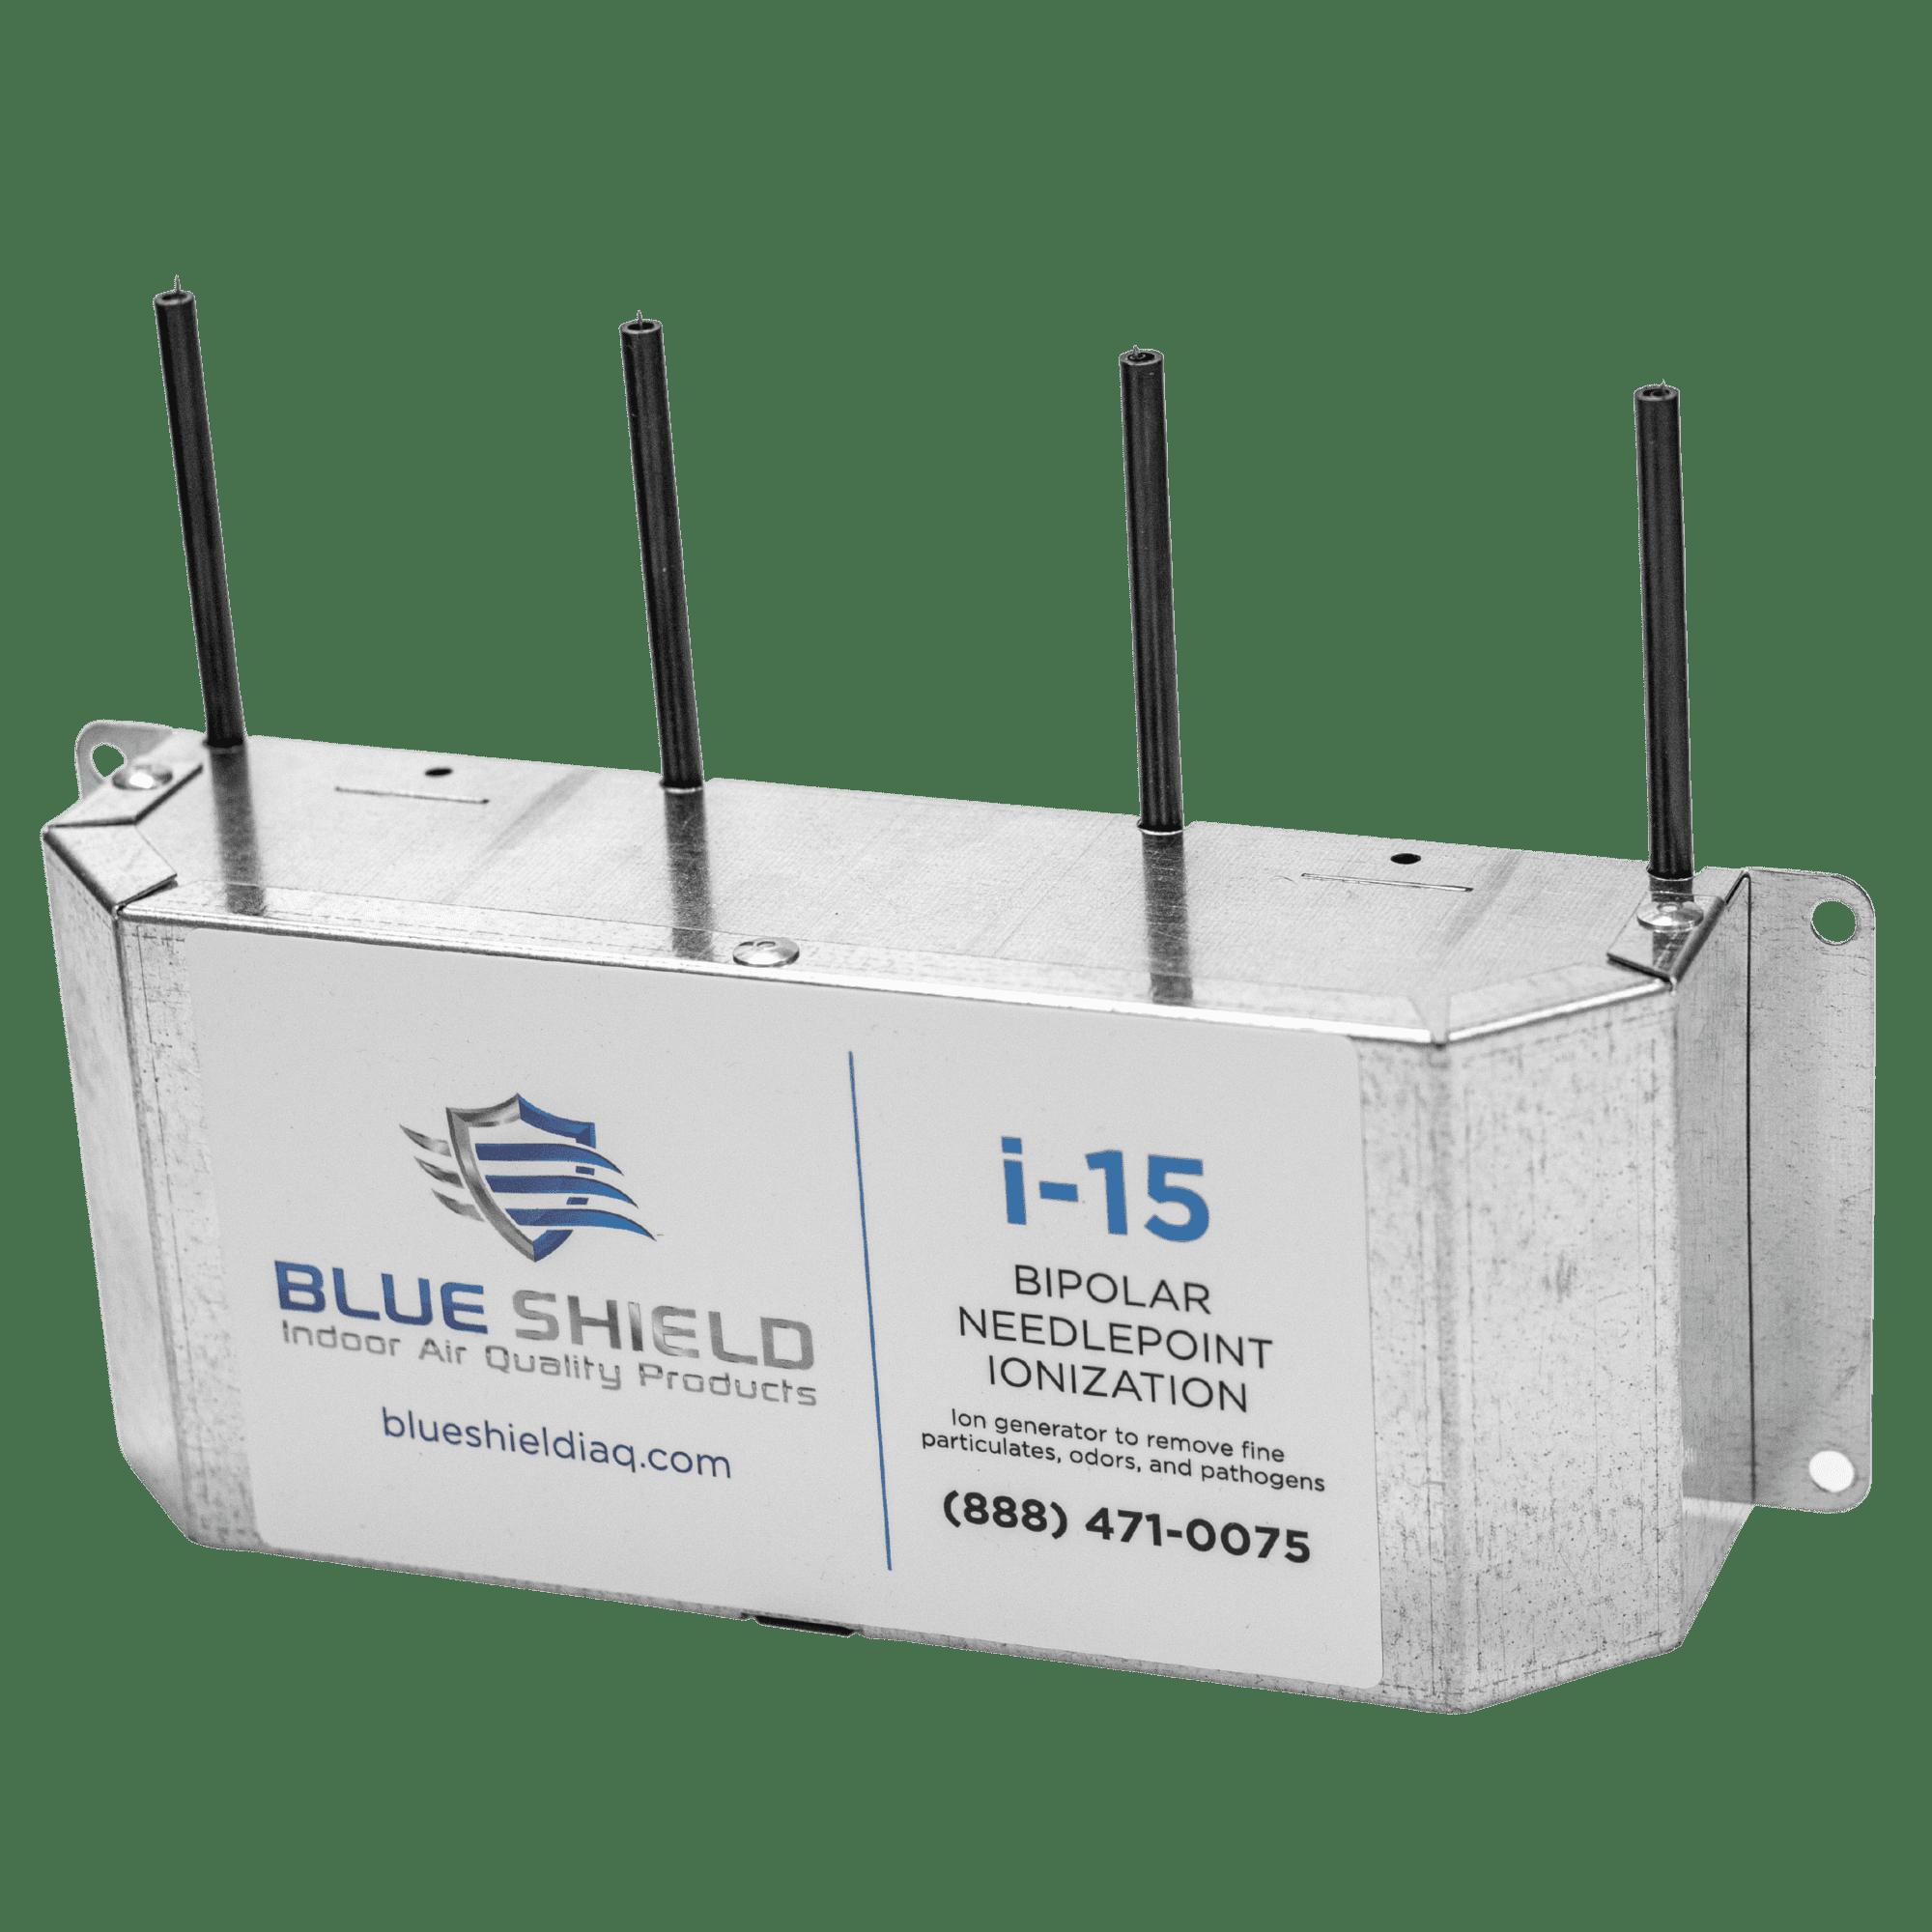 i-15 bilpolar needlepoint ionizer